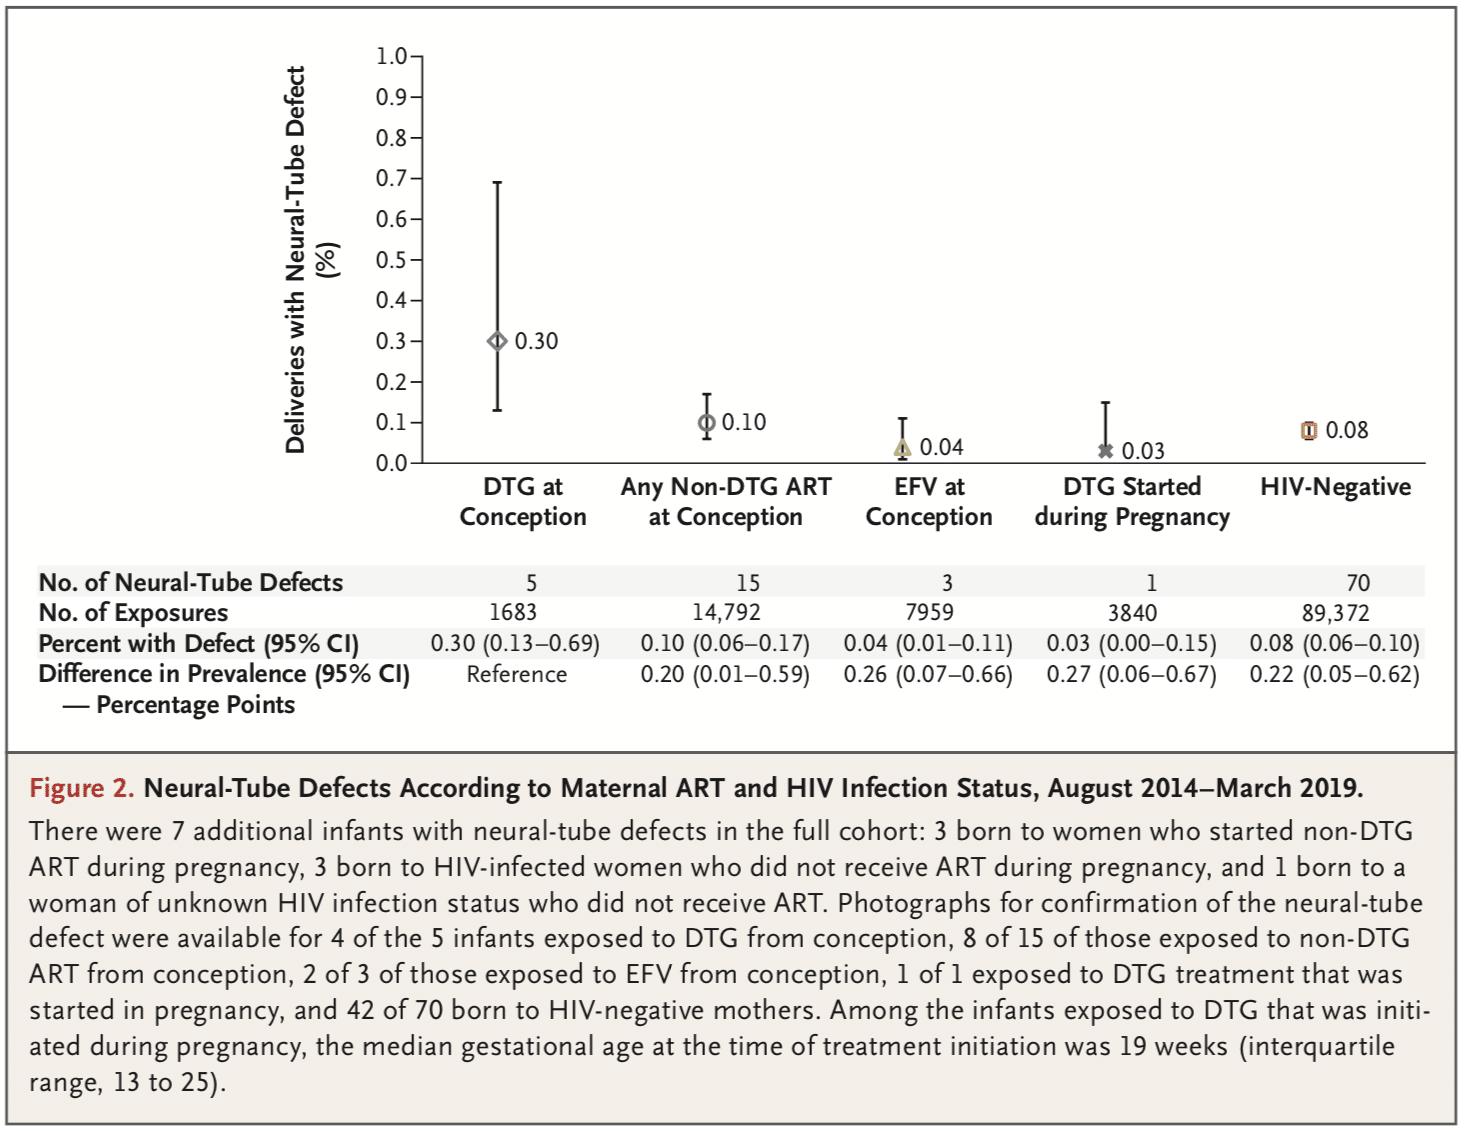 Défaut du tube neural selon le traitement ARV de la mère et le statut sérologique, étude TSEPAMO